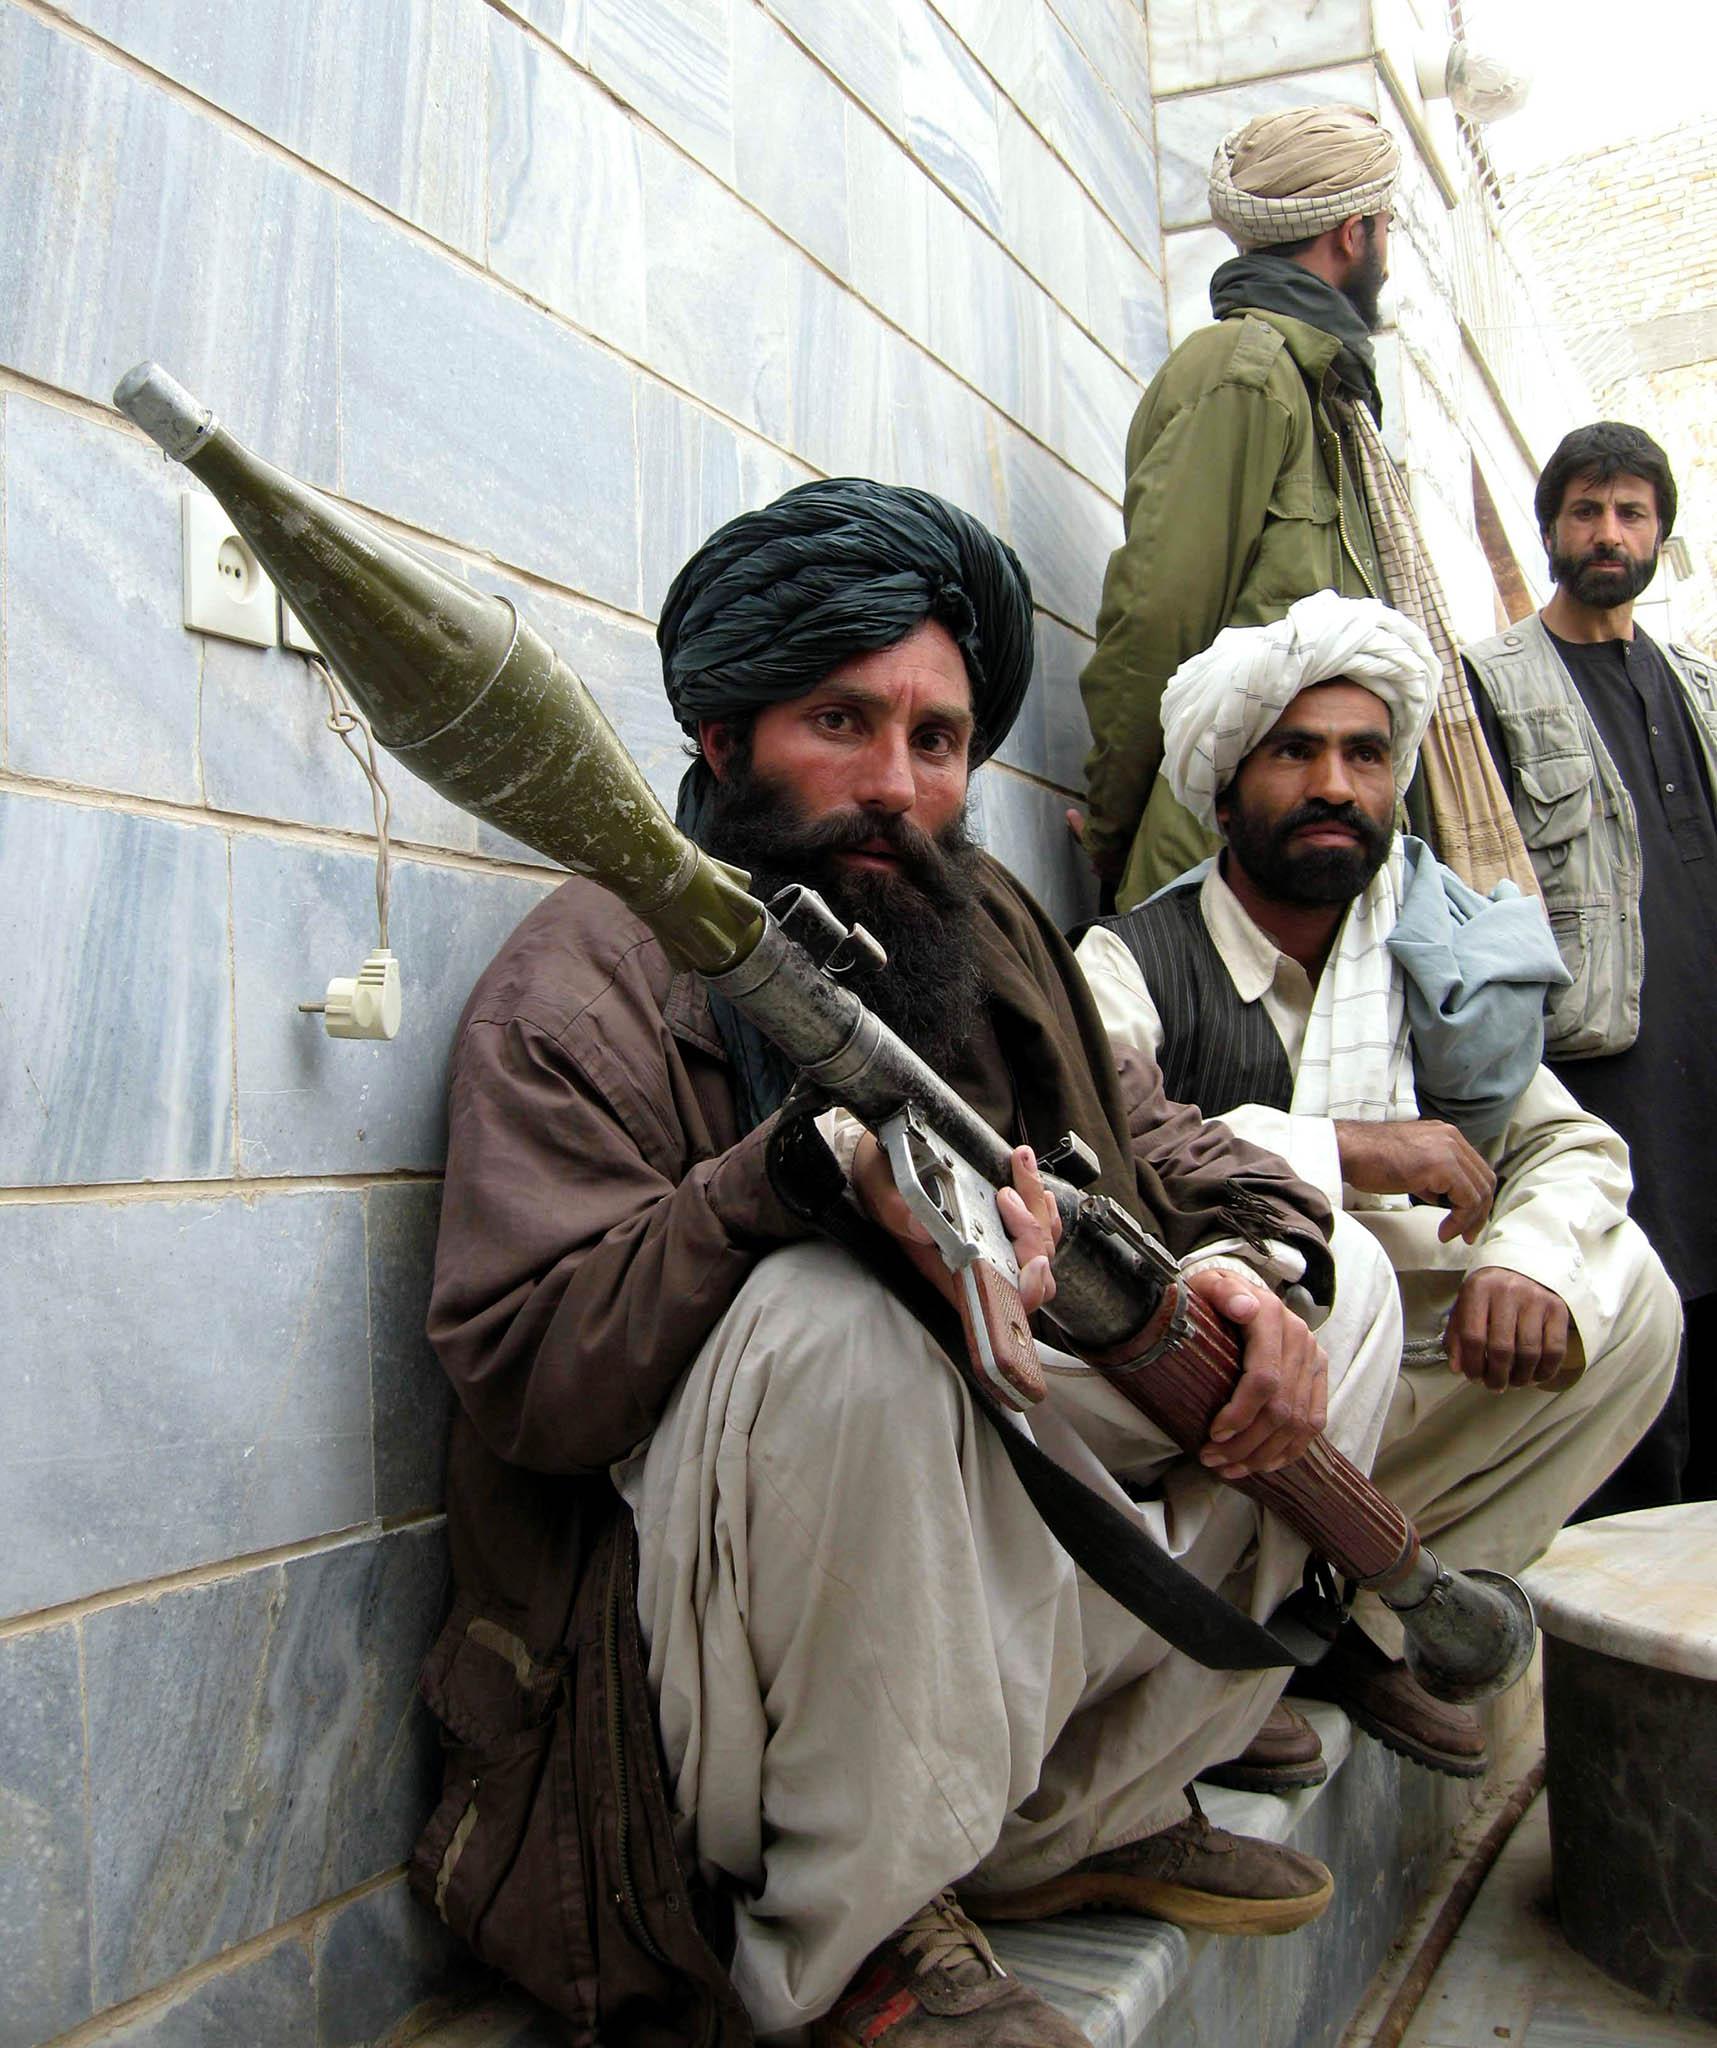 Nevzdali to. Bojovníci Tálibánu se považují zaspasitele Afghánistánu, porážka odUSA je nezlomila.